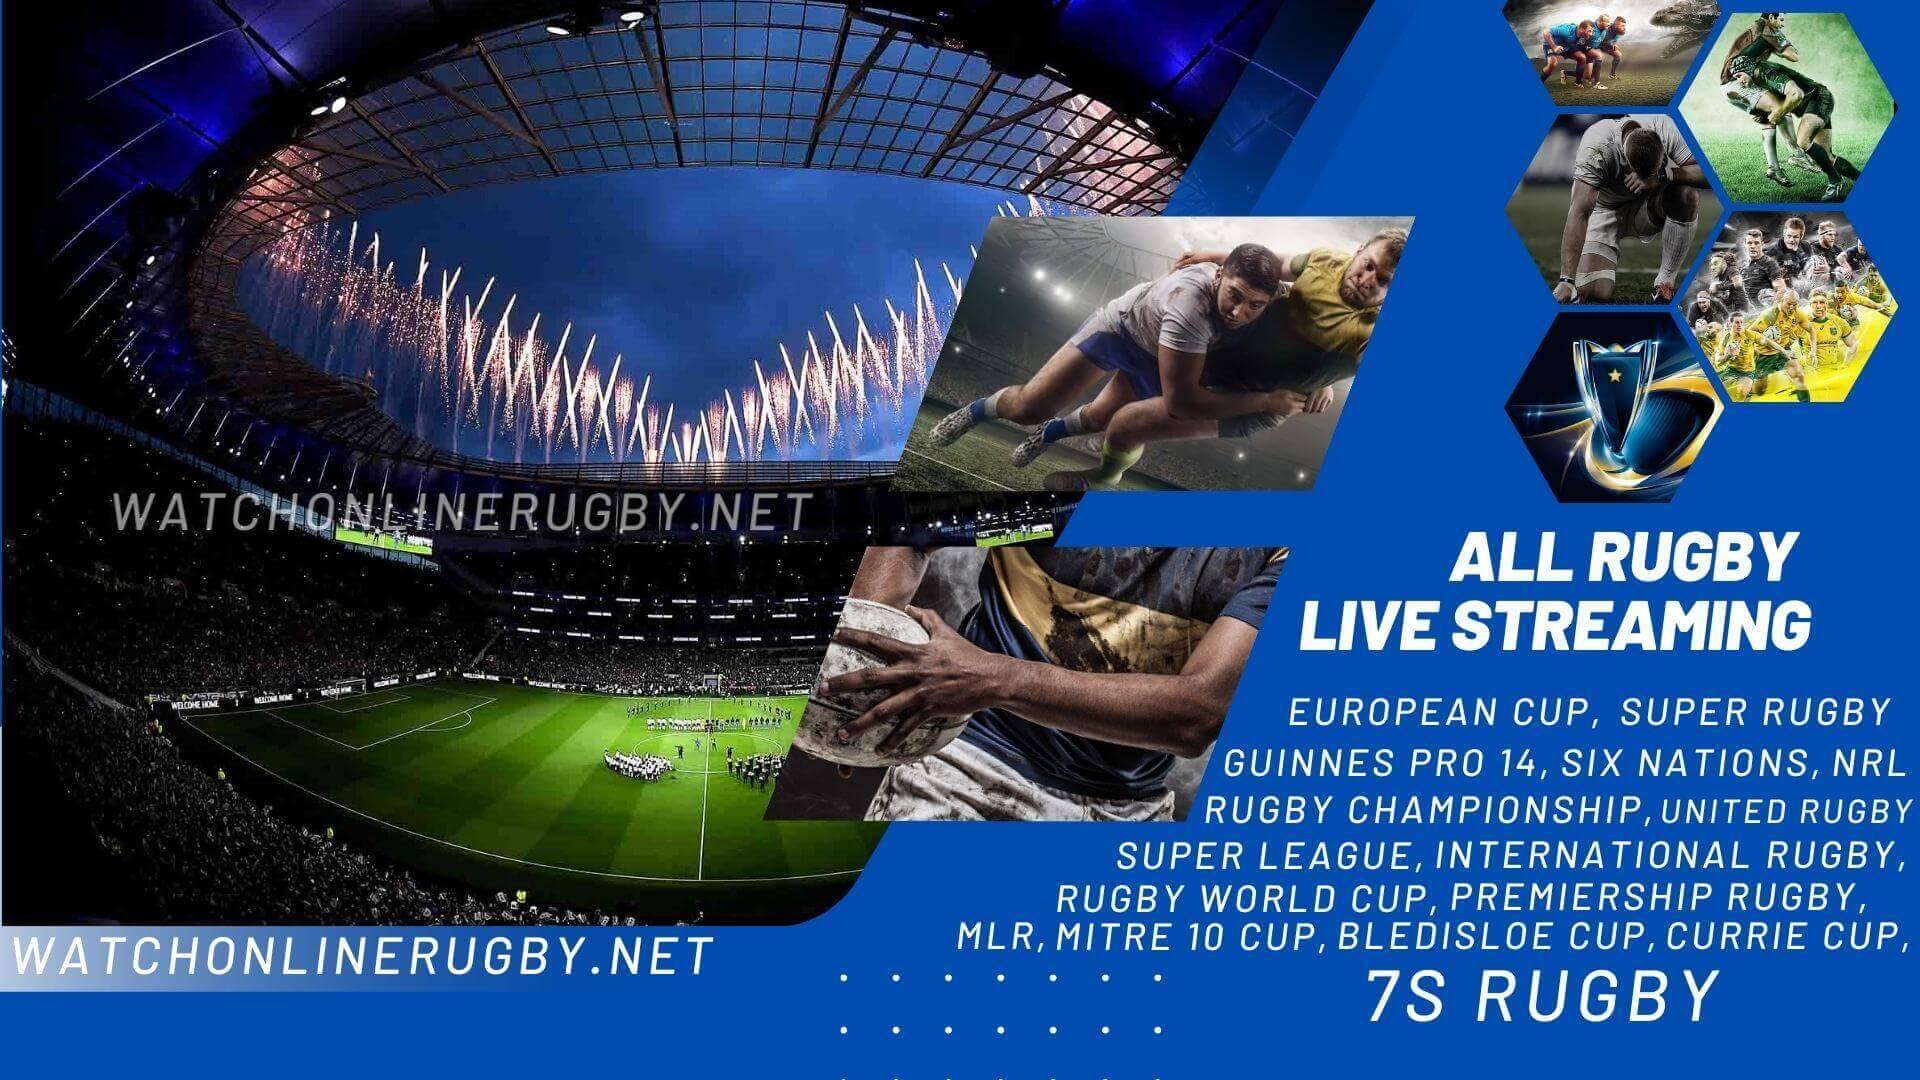 Rugby Scarlets vs Treviso Live Online